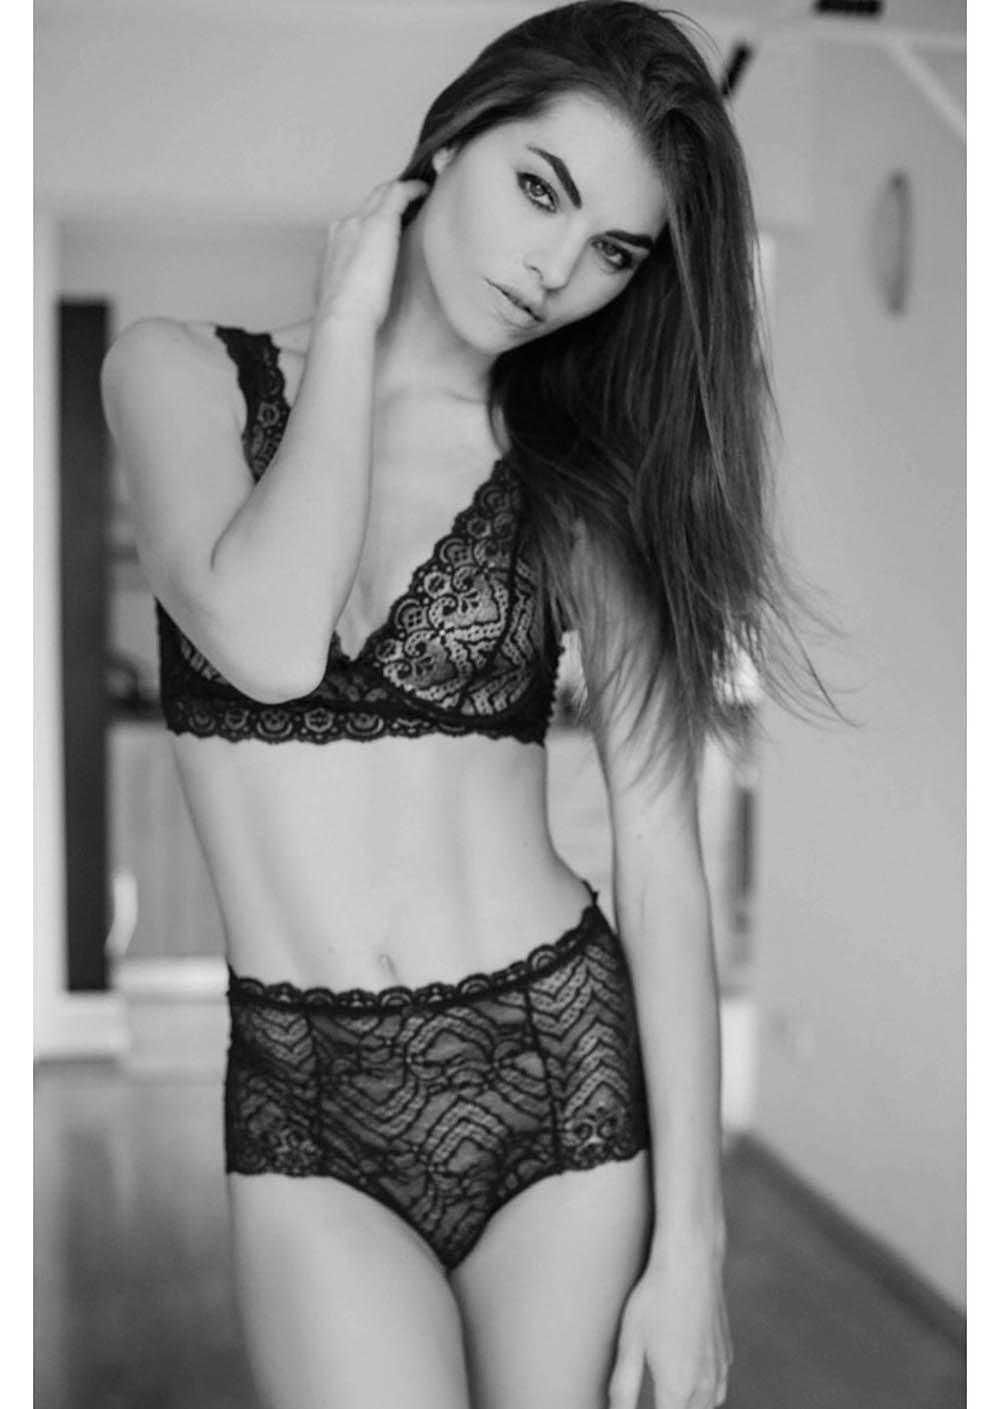 Models Anastasia Grik Fresh Talent Management